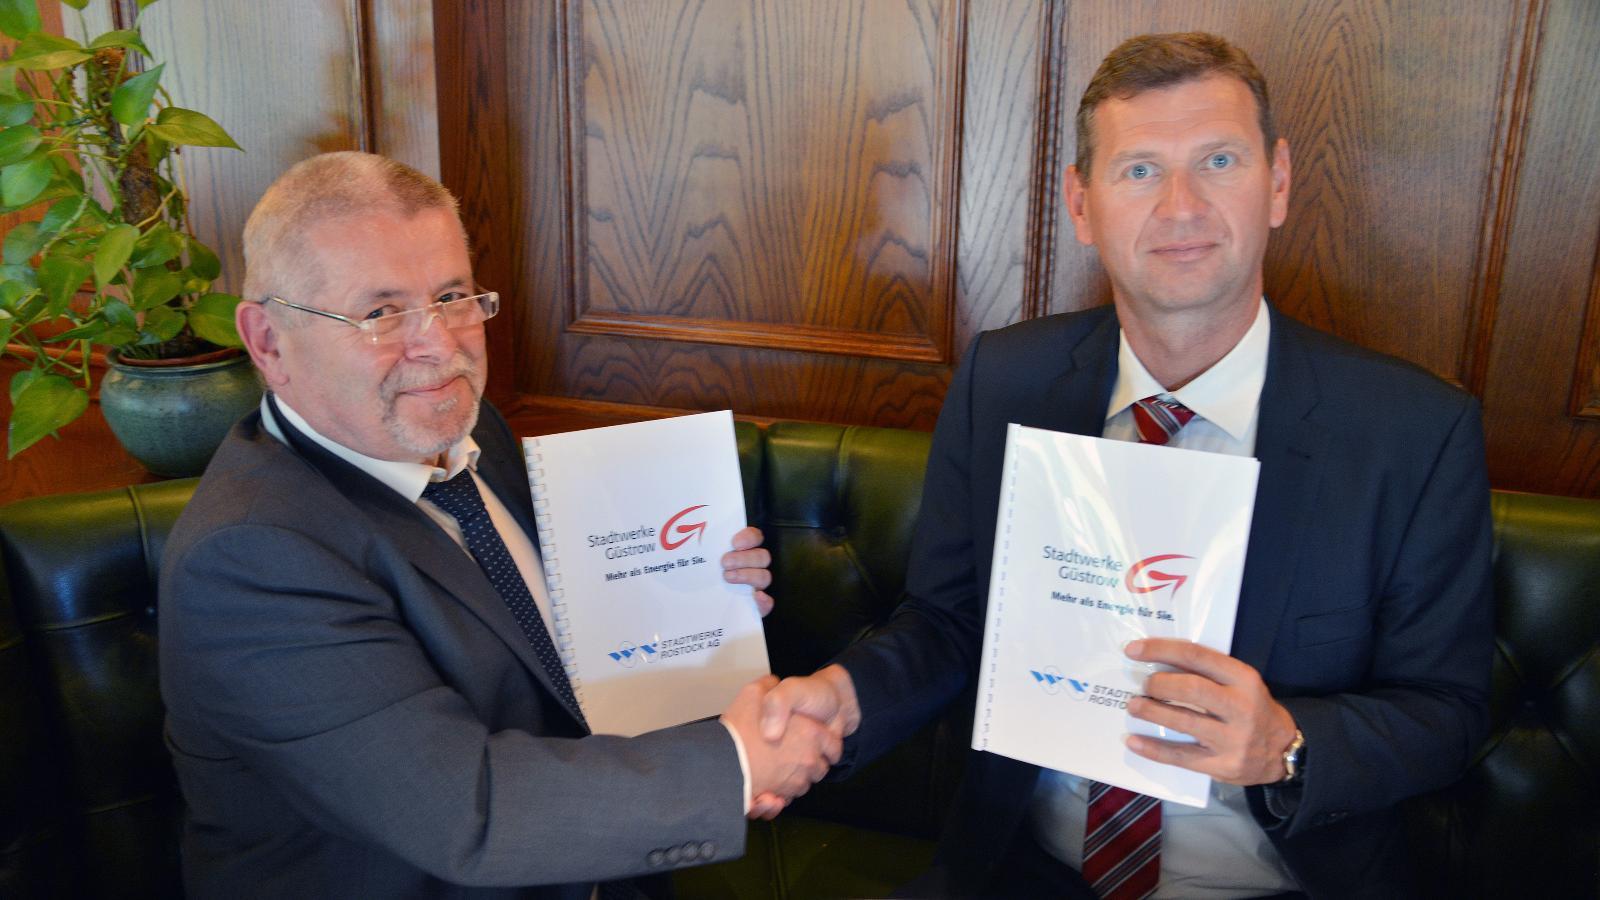 Edgar Föniger, Geschäftsführer der Stadtwerke Güstrow GmbH und Oliver Brünnich, Vorstandsvorsitzender der Stadtwerke Rostock AG